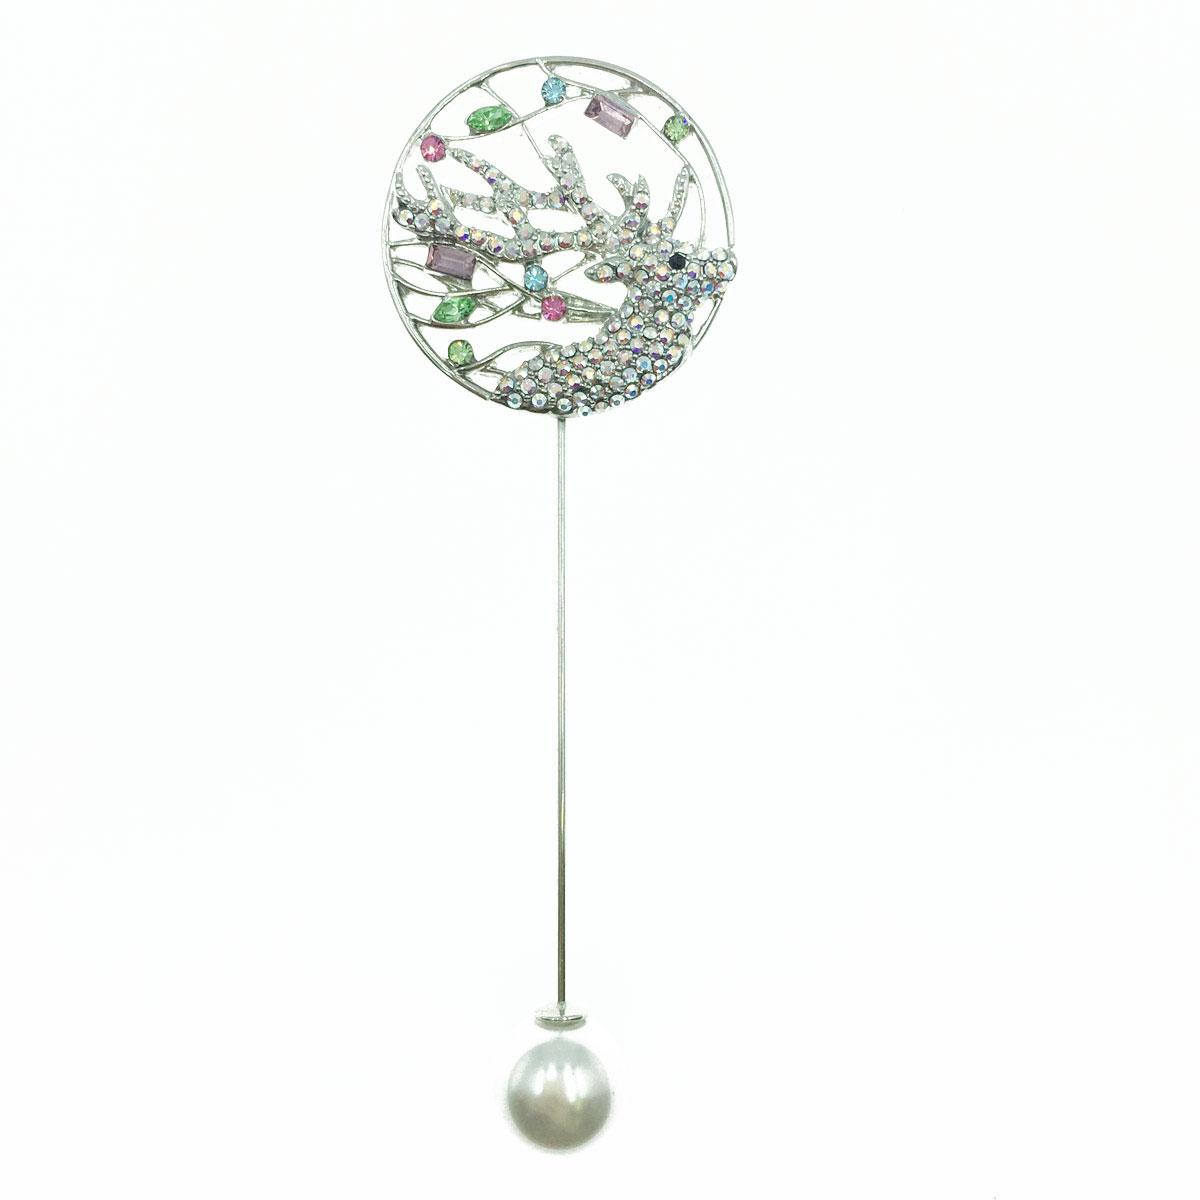 圓圈麋鹿 簍空 水晶 水鑽 珍珠塞 銀色 別針 胸針 採用施華洛世奇水晶元素 Crystals from Swarovski